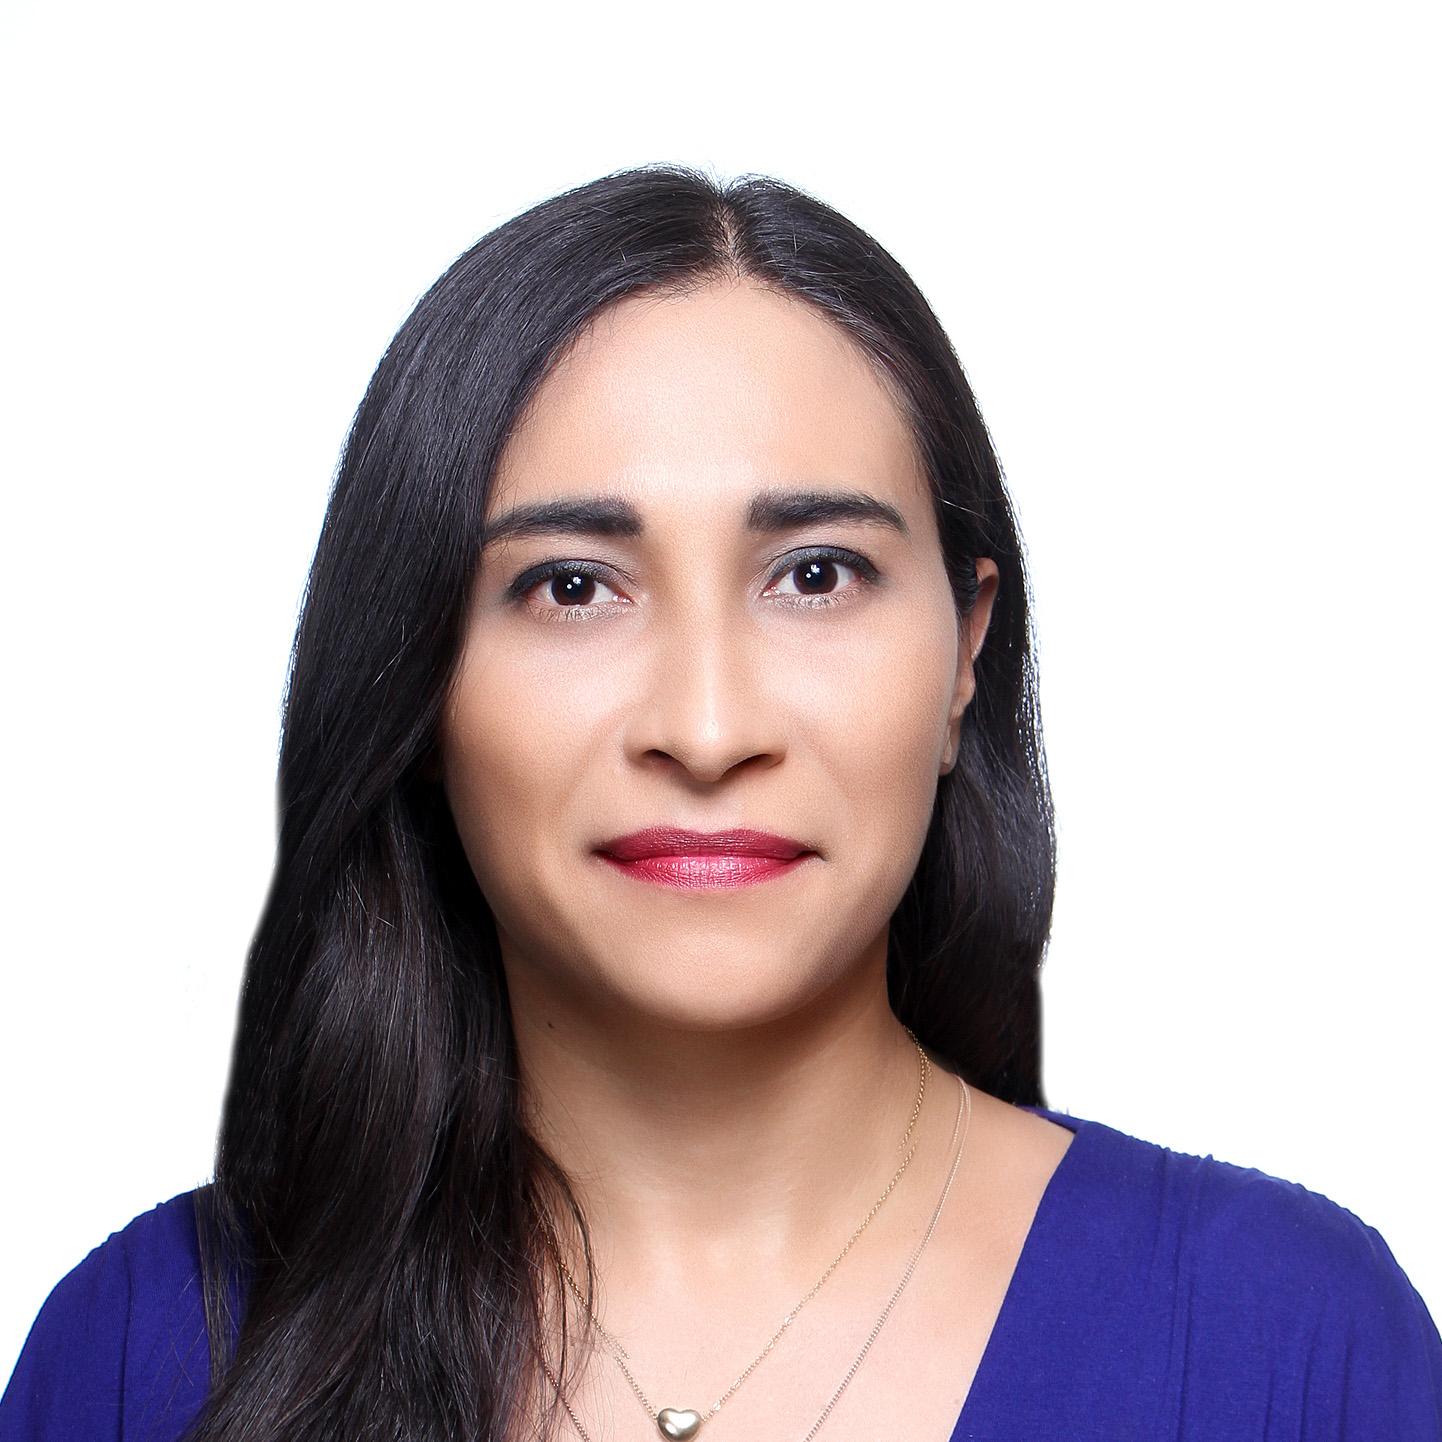 Psicologo Online: Roxana Chávez